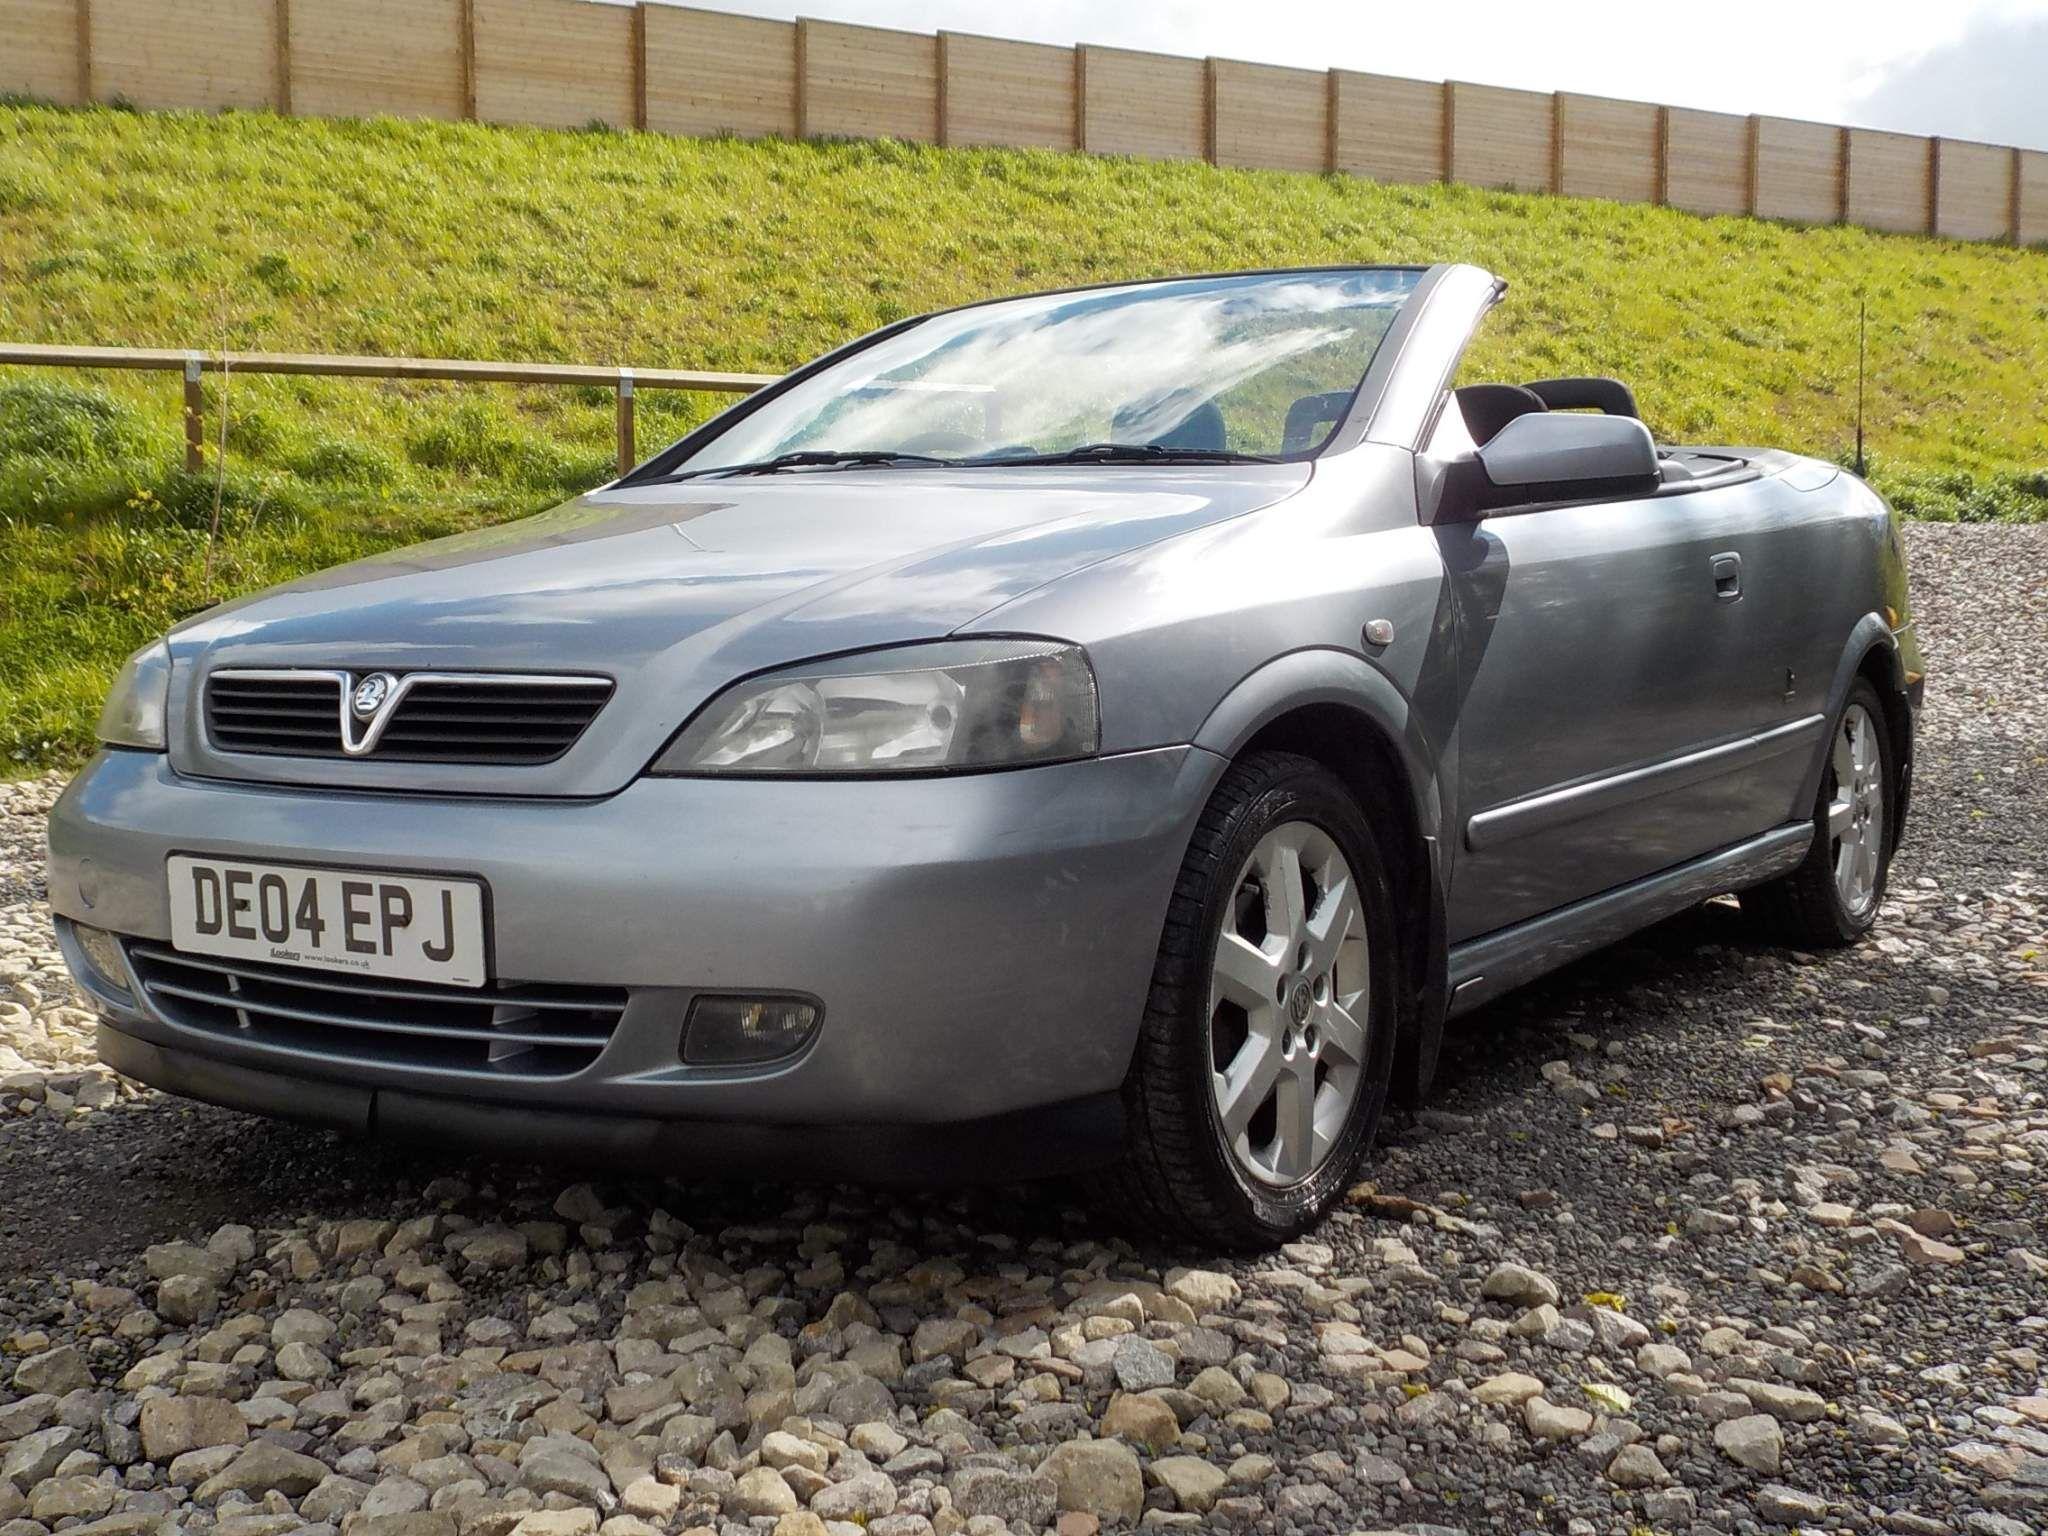 Vauxhall Astra 1.8 i 16v 2dr